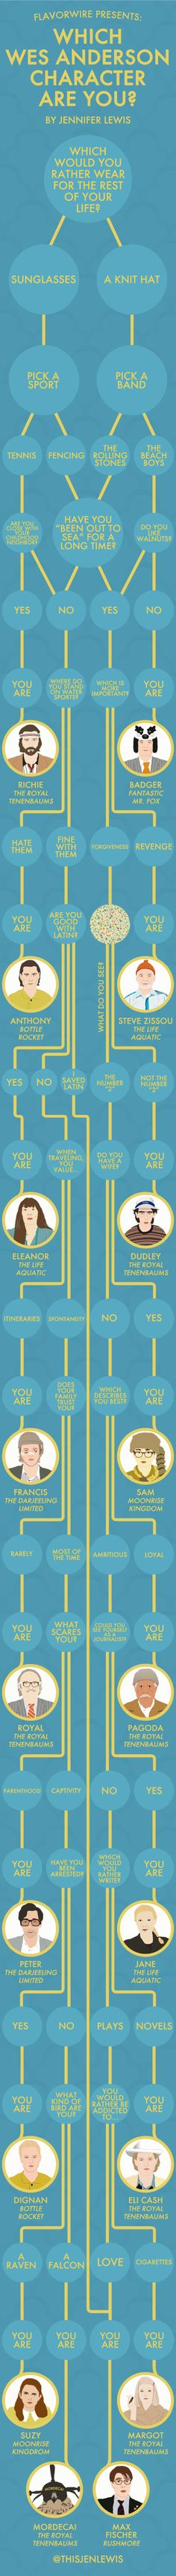 ¿Qué personaje de Wes Anderson eres? | La Niña Bipolar